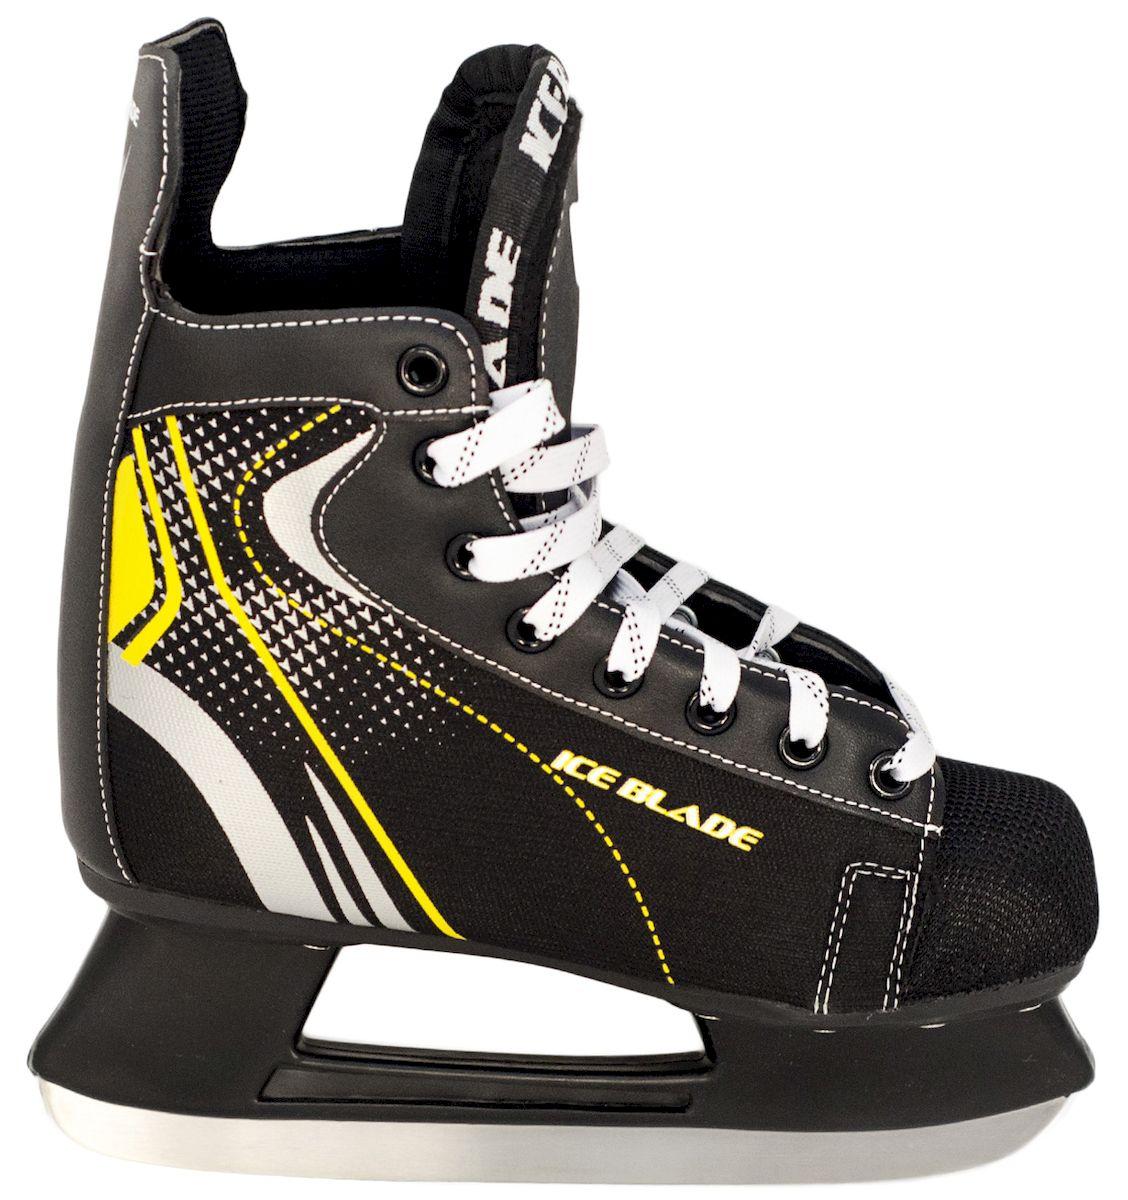 Коньки хоккейные Ice Blade Shark, цвет: черный, желтый. УТ-00006841. Размер 37УТ-00006841Коньки хоккейные Shark имеют модный яркий дизайн, поэтому данная модель очень популярна у любителей хоккея.Ботинок выполнен из искусственной кожи, высокопрочной нейлоновой ткани и ударостойкого пластика. Лезвие изготовлено из высокоуглеродистой стали с покрытием из никеля, что гарантирует прочность и долговечность. В качестве внутренней отделки используется вельветин с утеплителем. Коньки поставляются с заводской заточкой лезвия, что позволяет сразу приступить к катанию, не тратя время и денег на заточку. Коньки подходят для использования на открытом и закрытом льду.Удобная система фиксации ноги и улучшенная колодка сделают катание комфортным и безопасным.